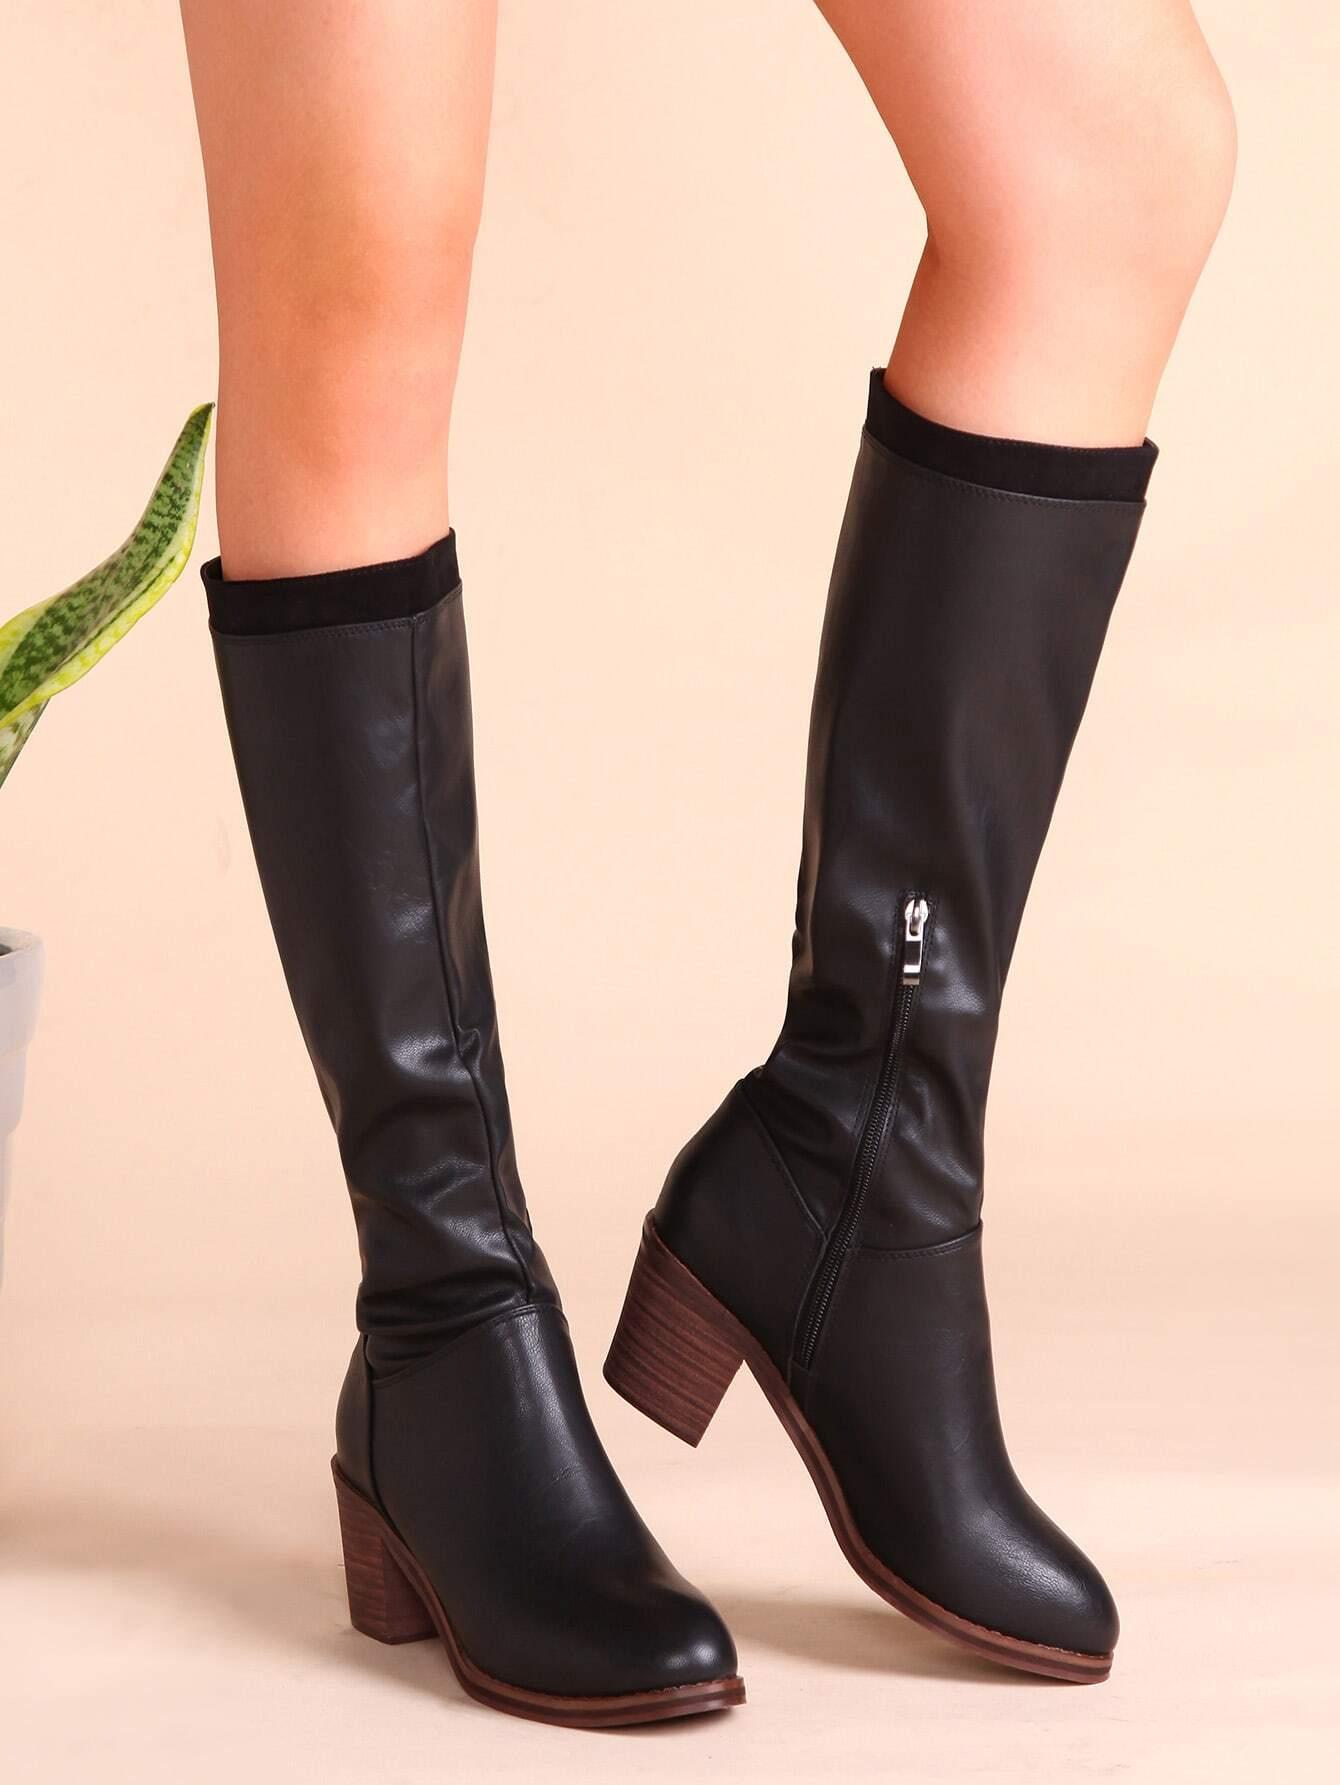 shoes161108811_2